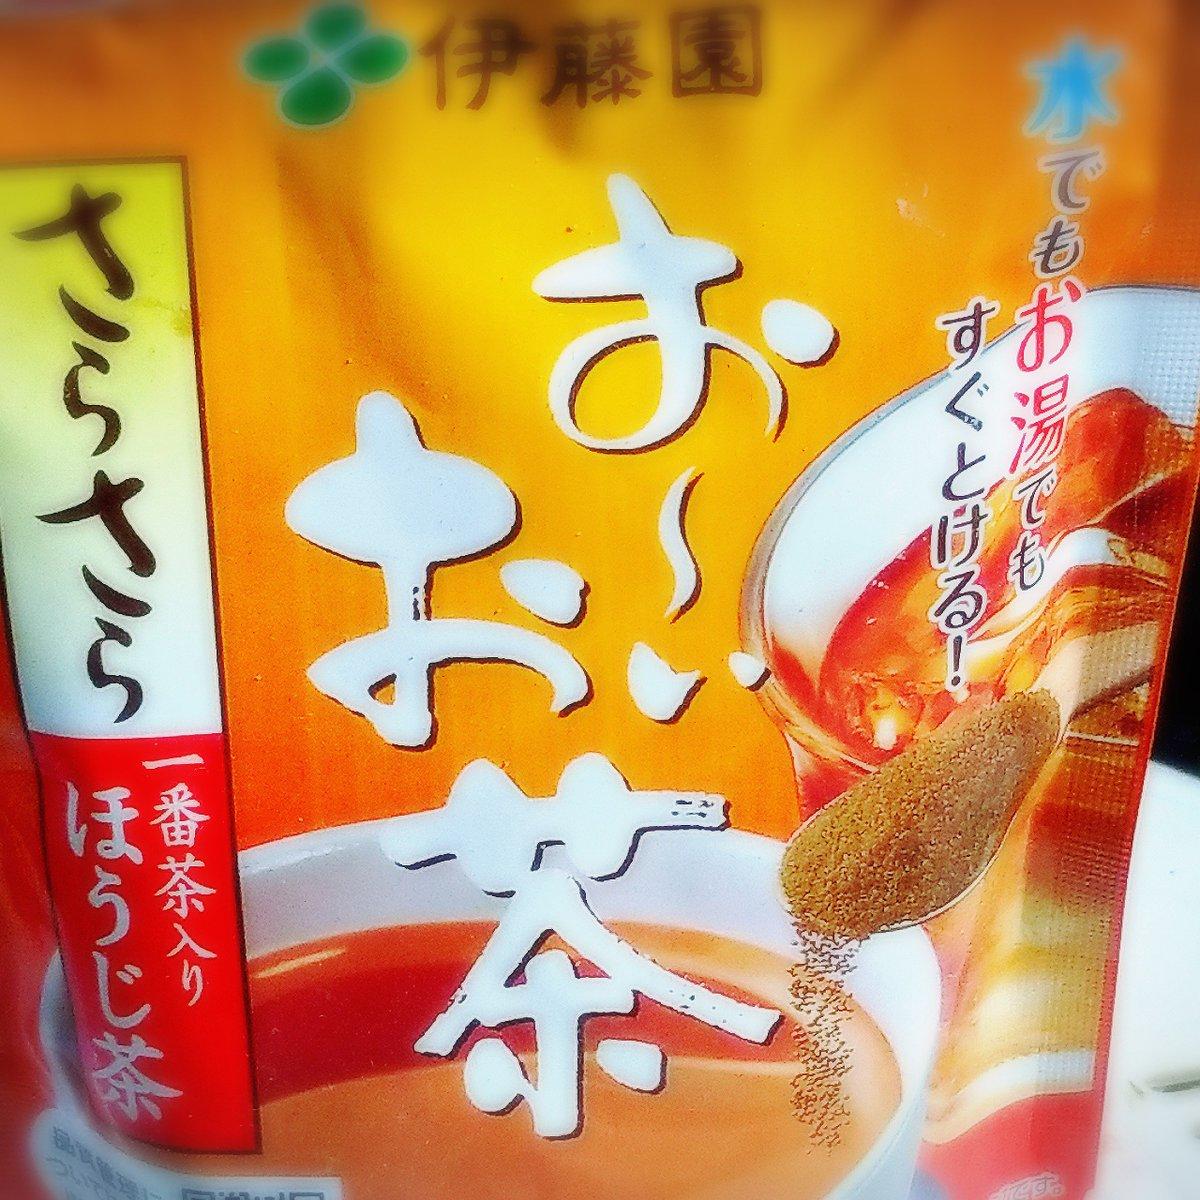 スーパーカップバニラにほうじ茶の粉かけて食べるとめちゃくちゃ濃厚なほうじ茶ラテアイスが出来てヤバいので絶対に真似しないでください。